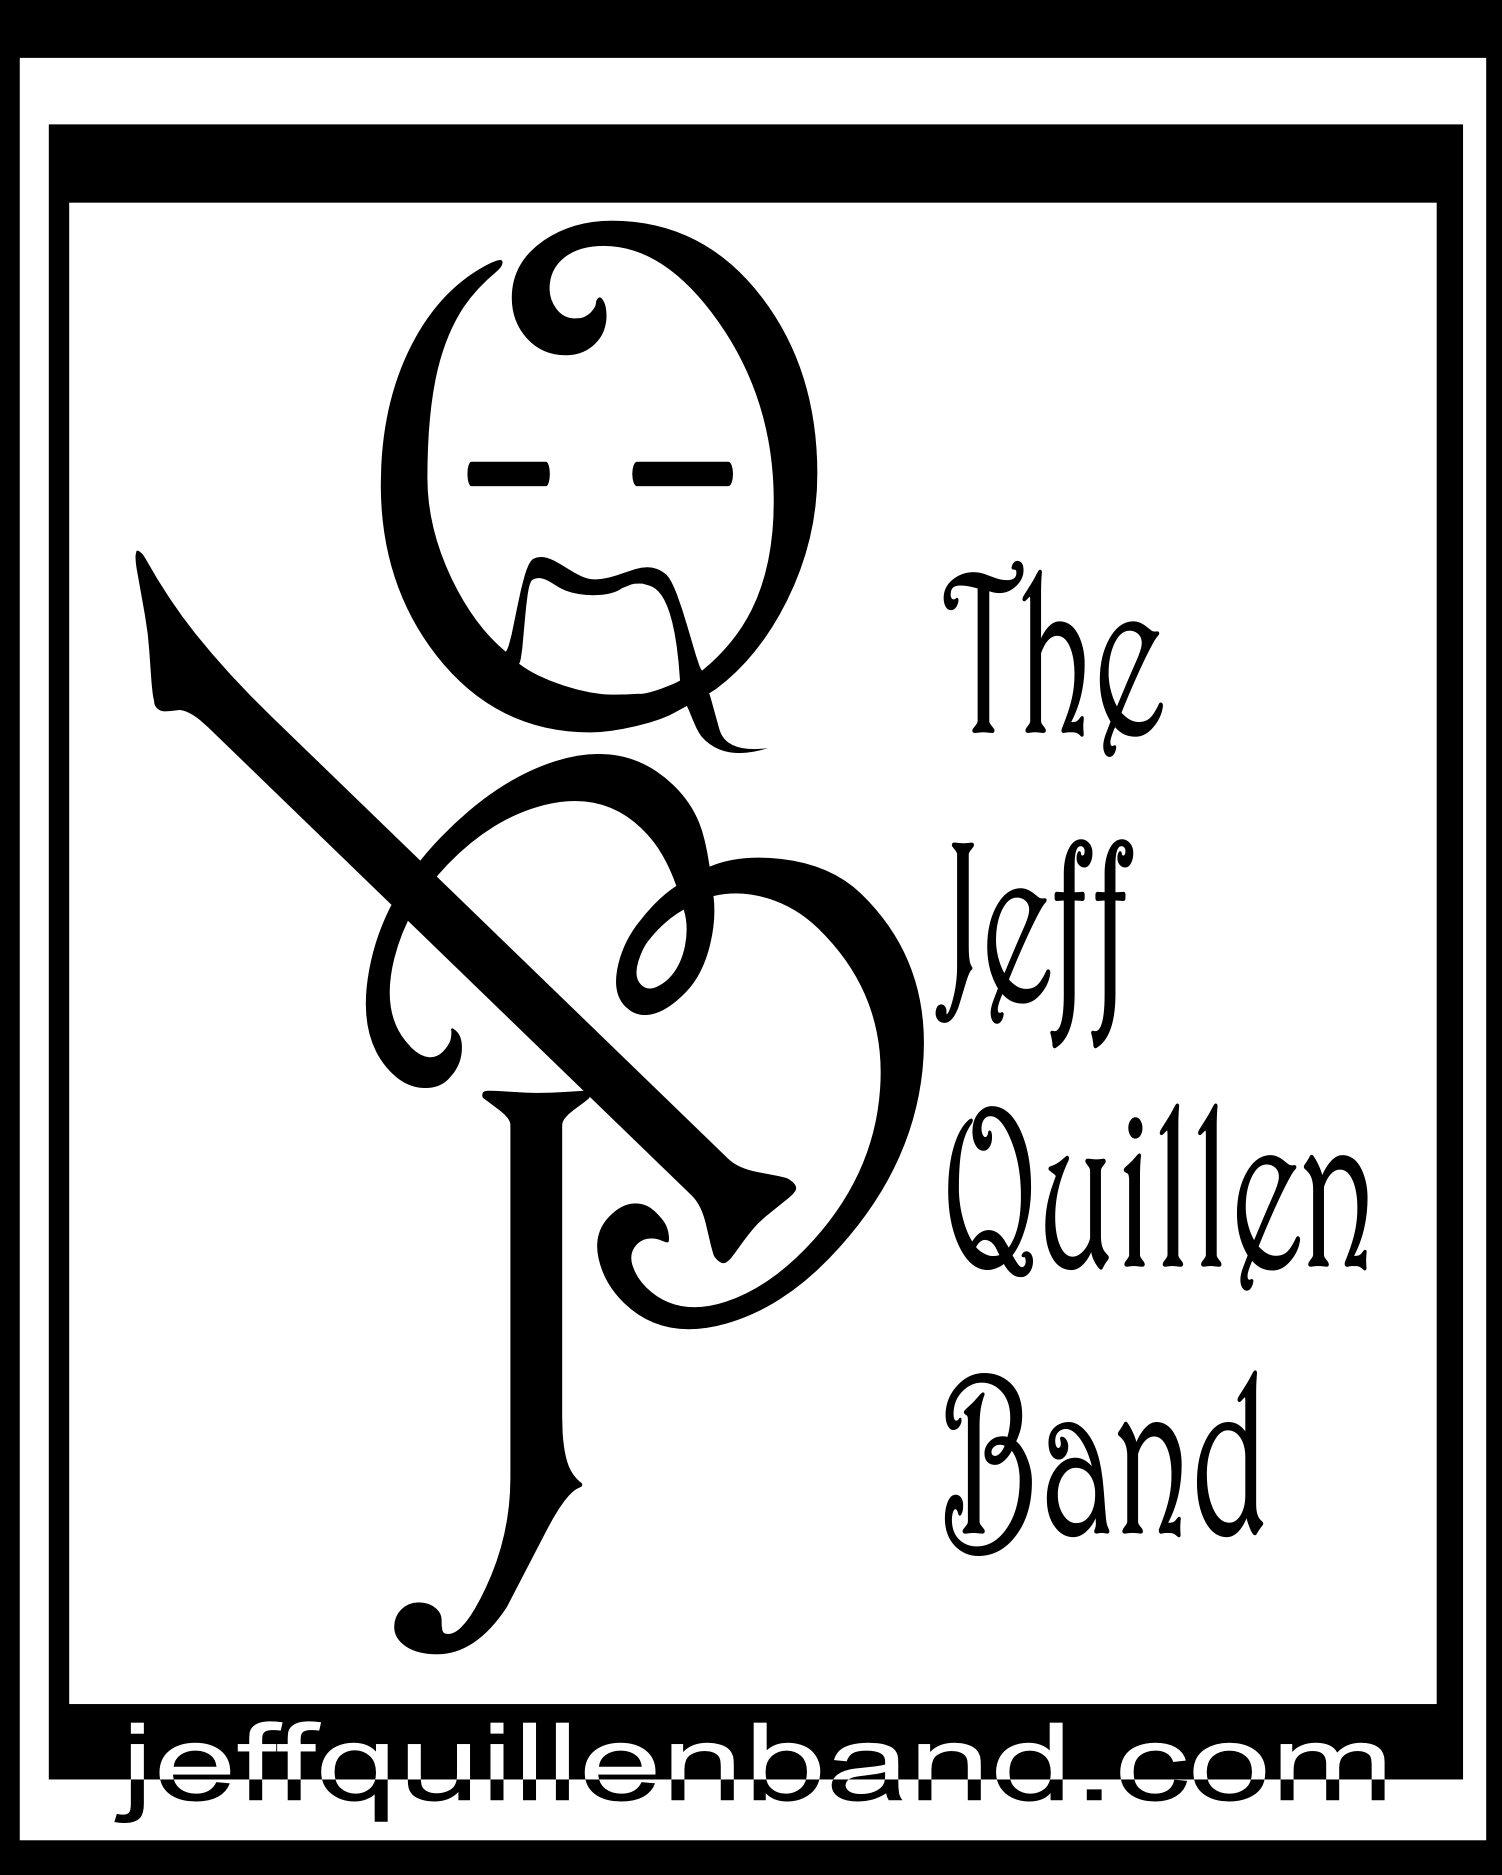 Jeff Quillen Band Logo